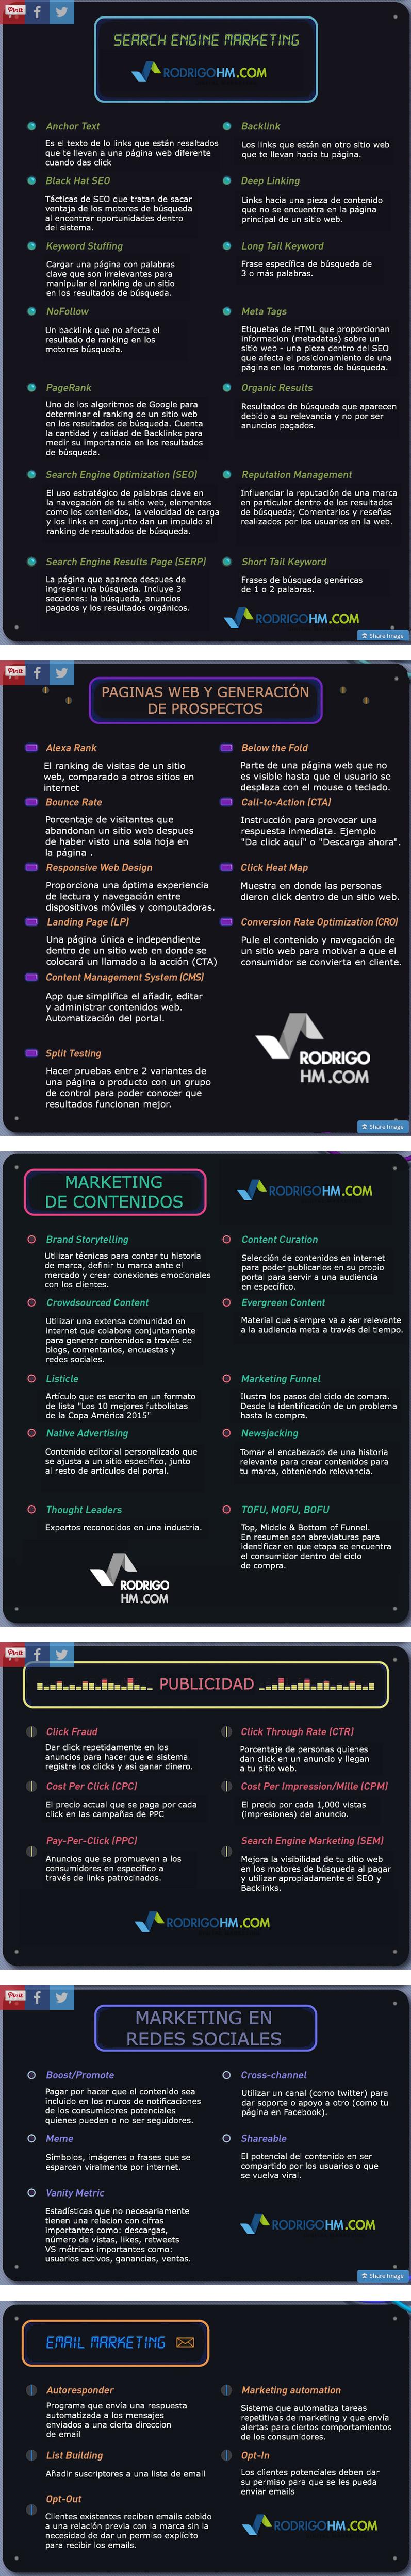 Hola: Una infografía con un Glosario de términos de Marketing Digital. Vía Un saludo